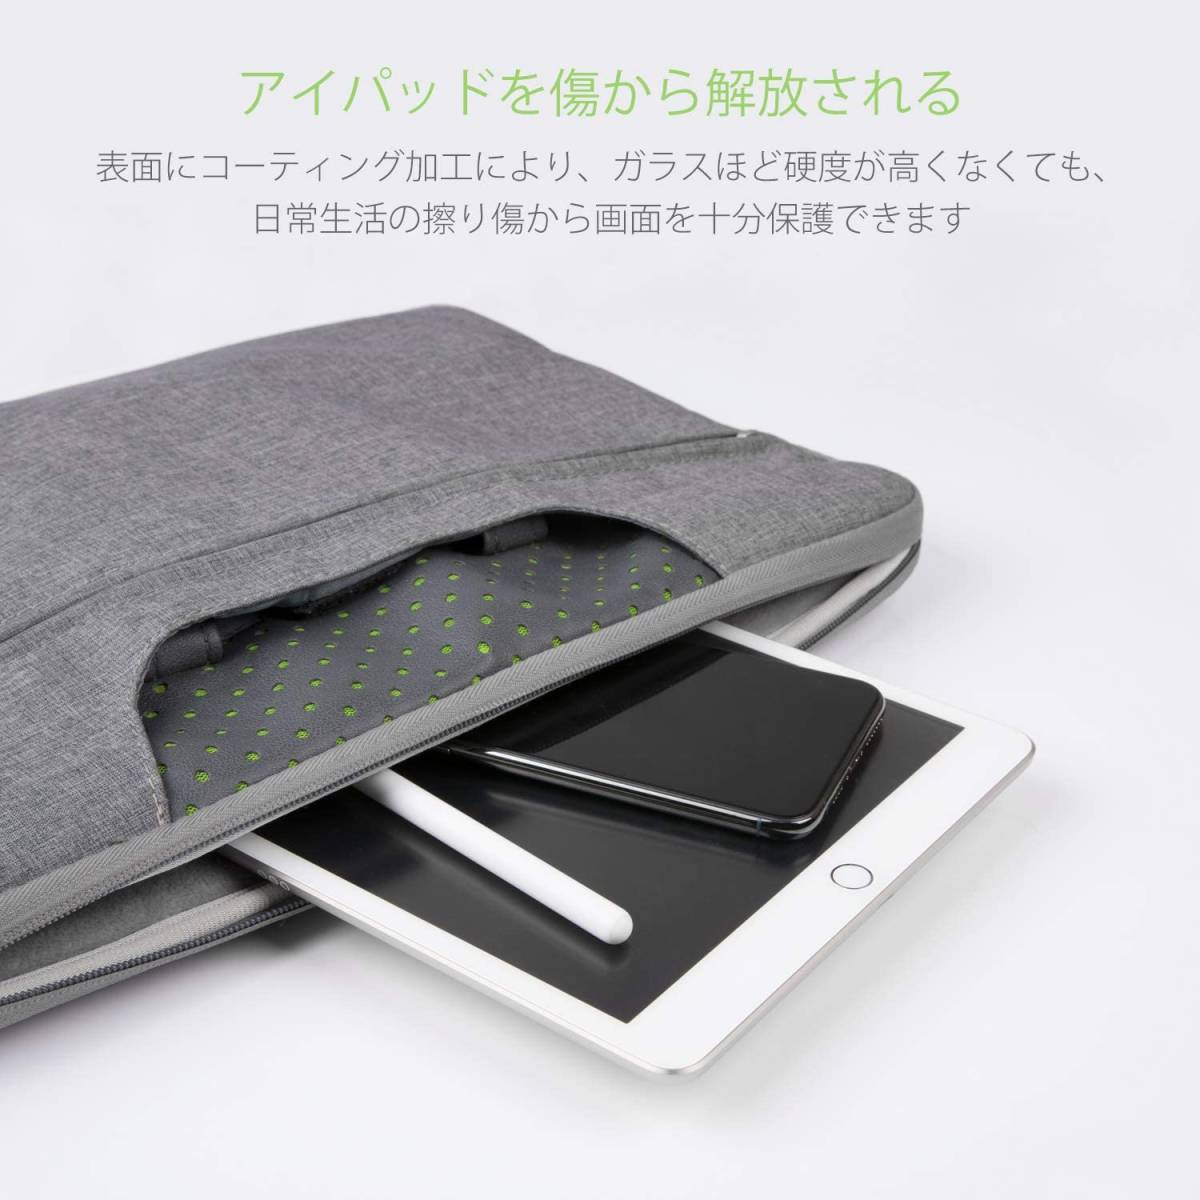 【ガイド枠付き】 iPad 10.2 用 ペーパーライク フィルム 箱キズあり_画像6